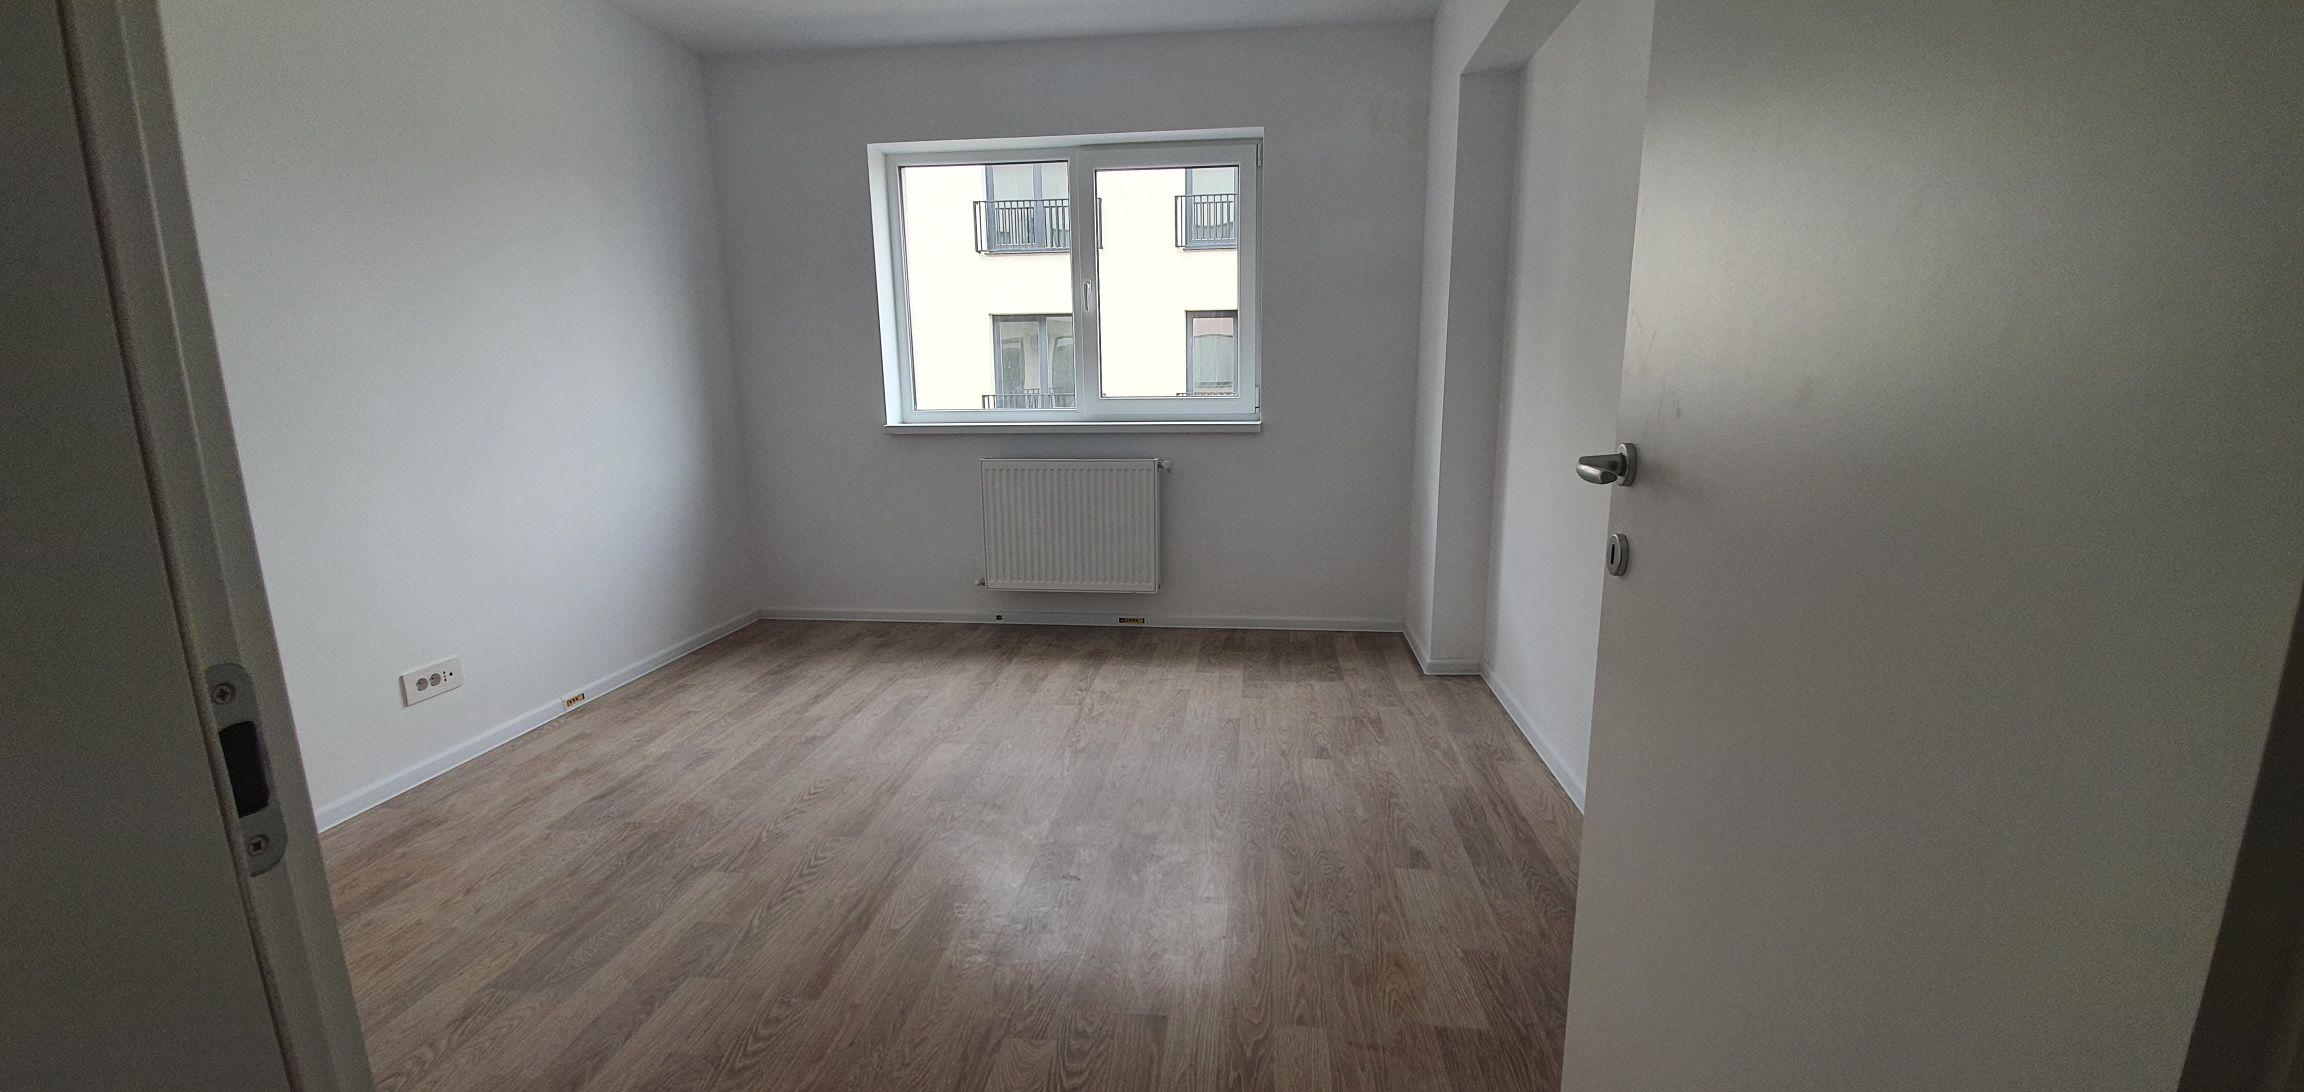 Bloc 2 - Etaj 1 - Apartament 08 - Dormitor